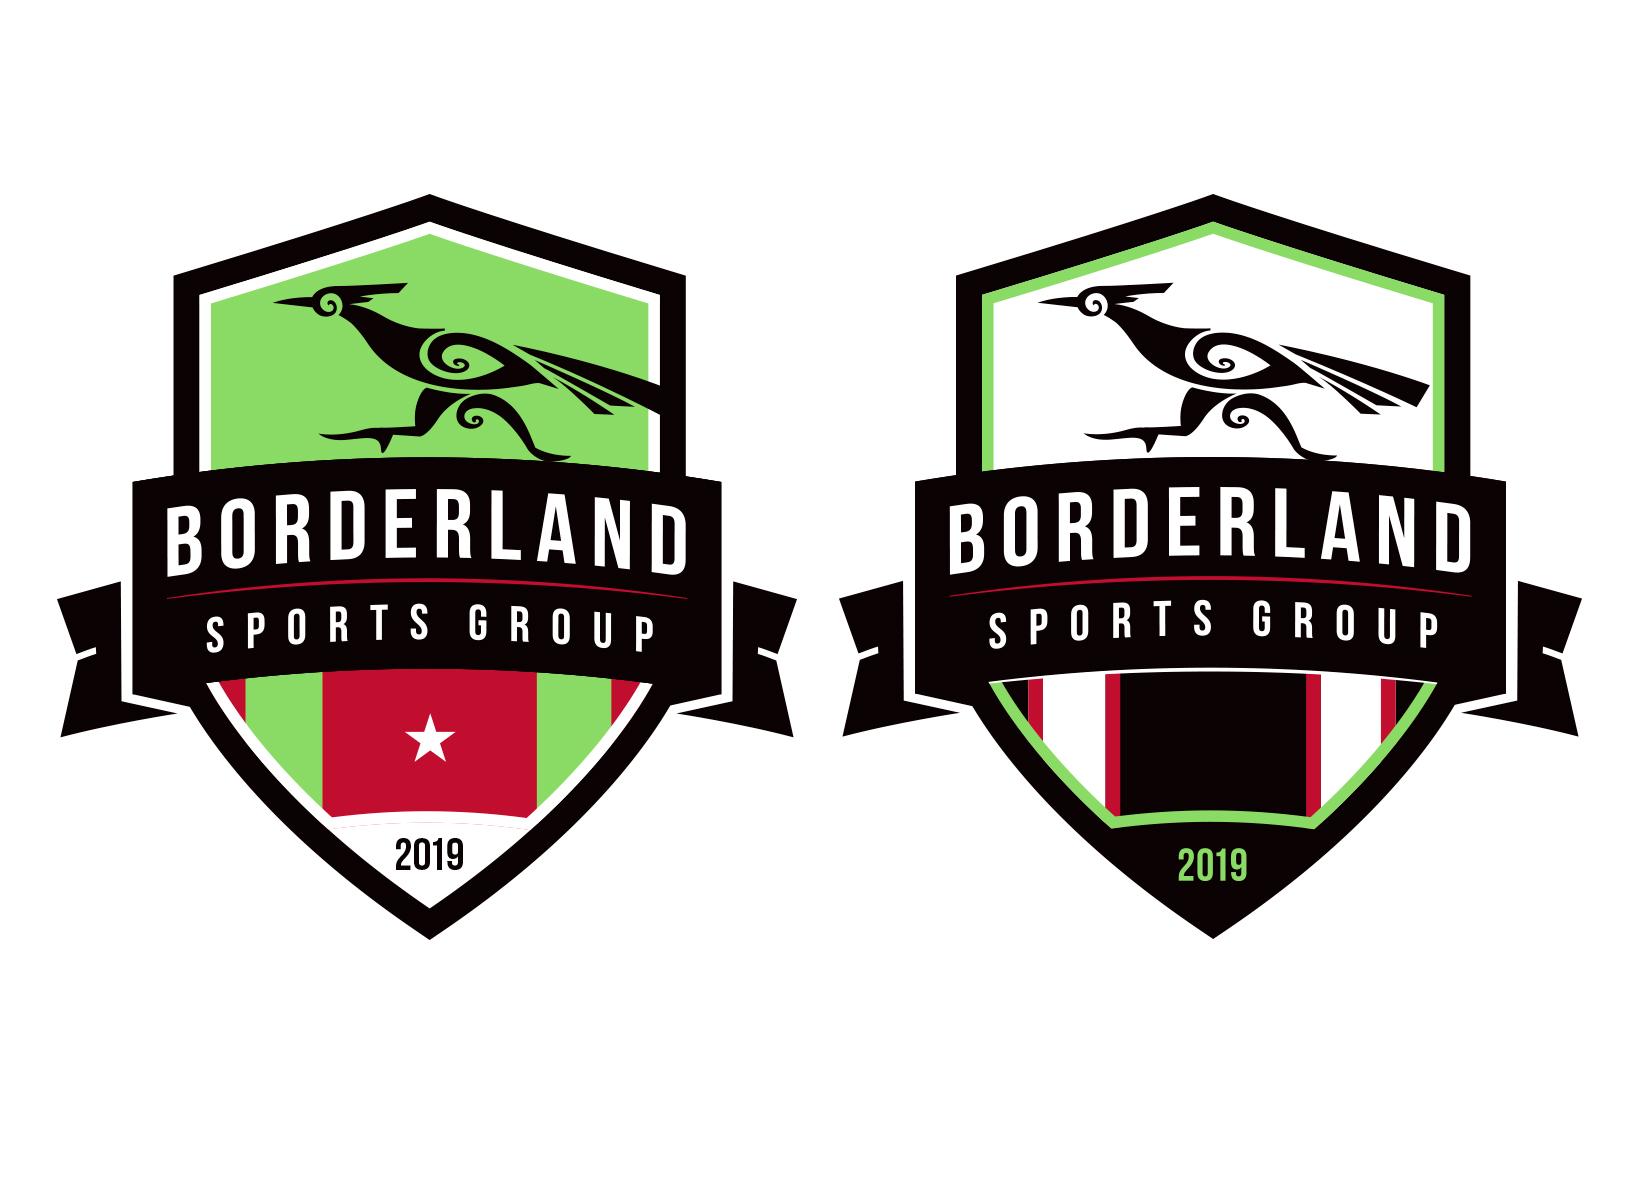 borderland-soccer-crest-designs-by-jordan-fretz-2.jpg